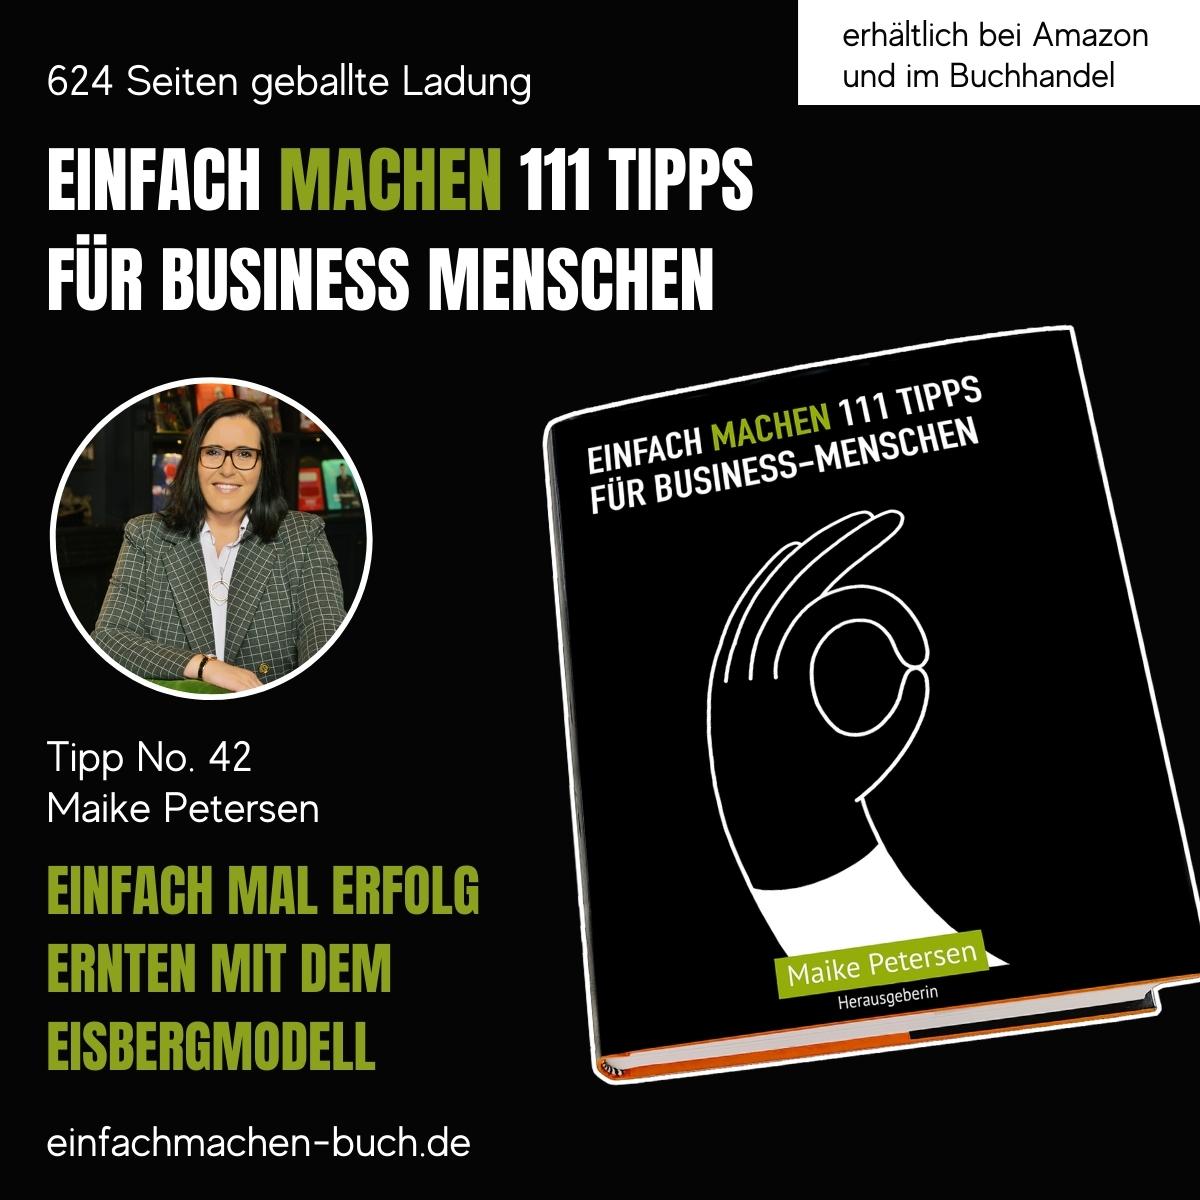 EINFACH MACHEN 111 TIPPS FÜR BUSINESS-MENSCHEN   Tipp No. 42 Maike Petersen